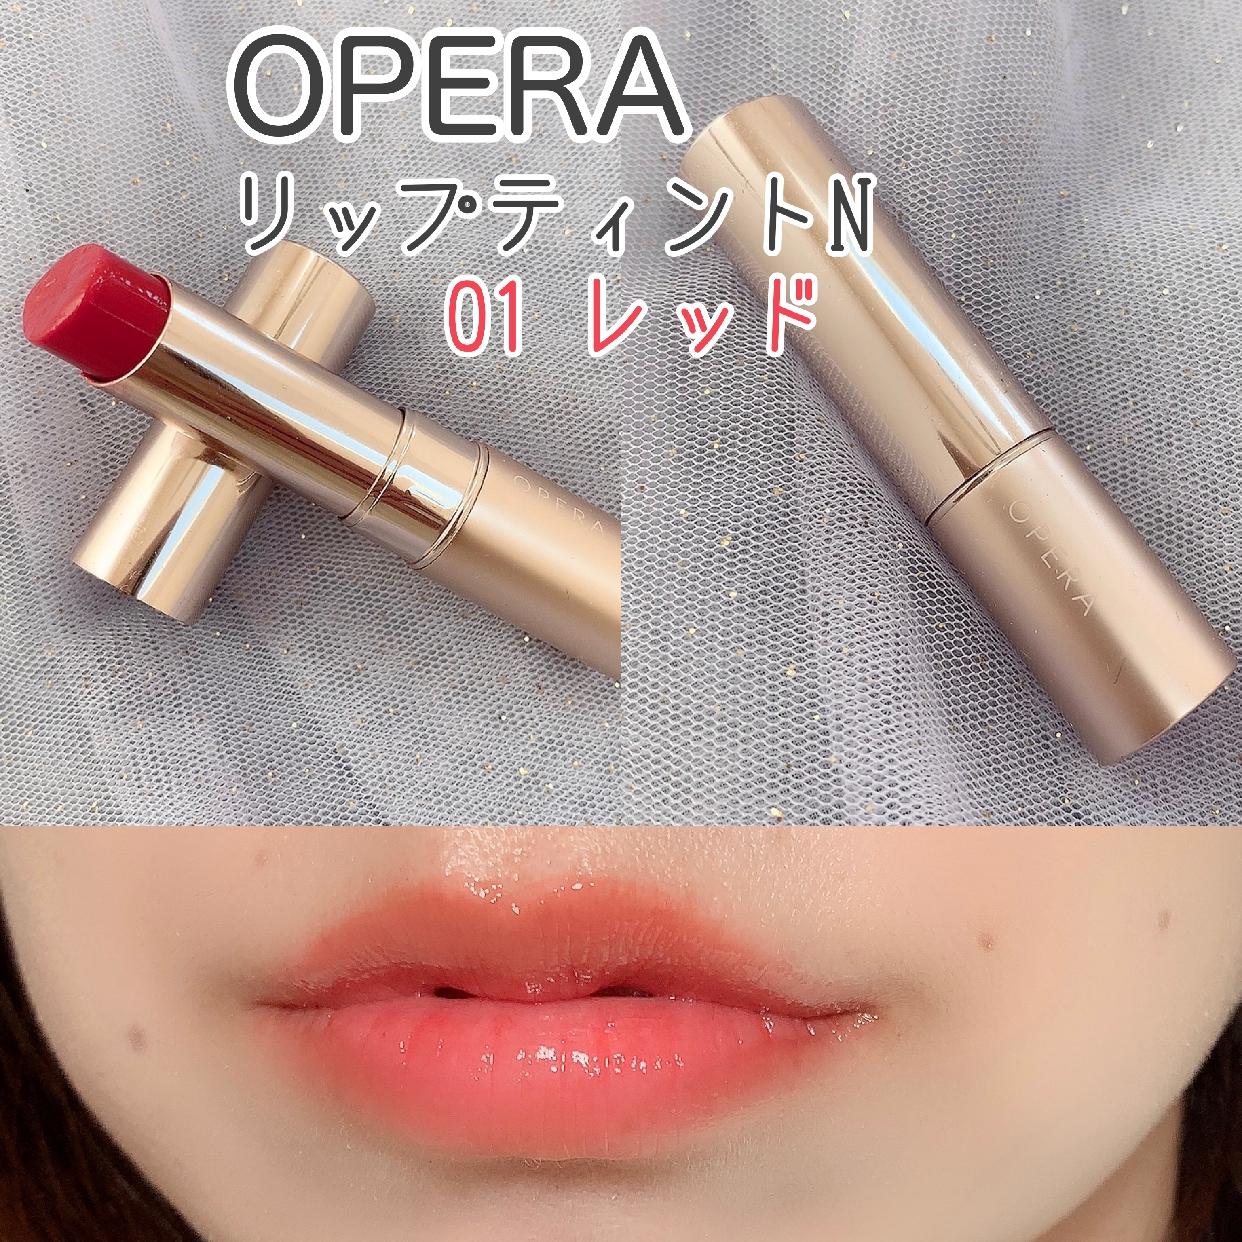 OPERA(オペラ) リップティント Nを使ったあやかさんのクチコミ画像1